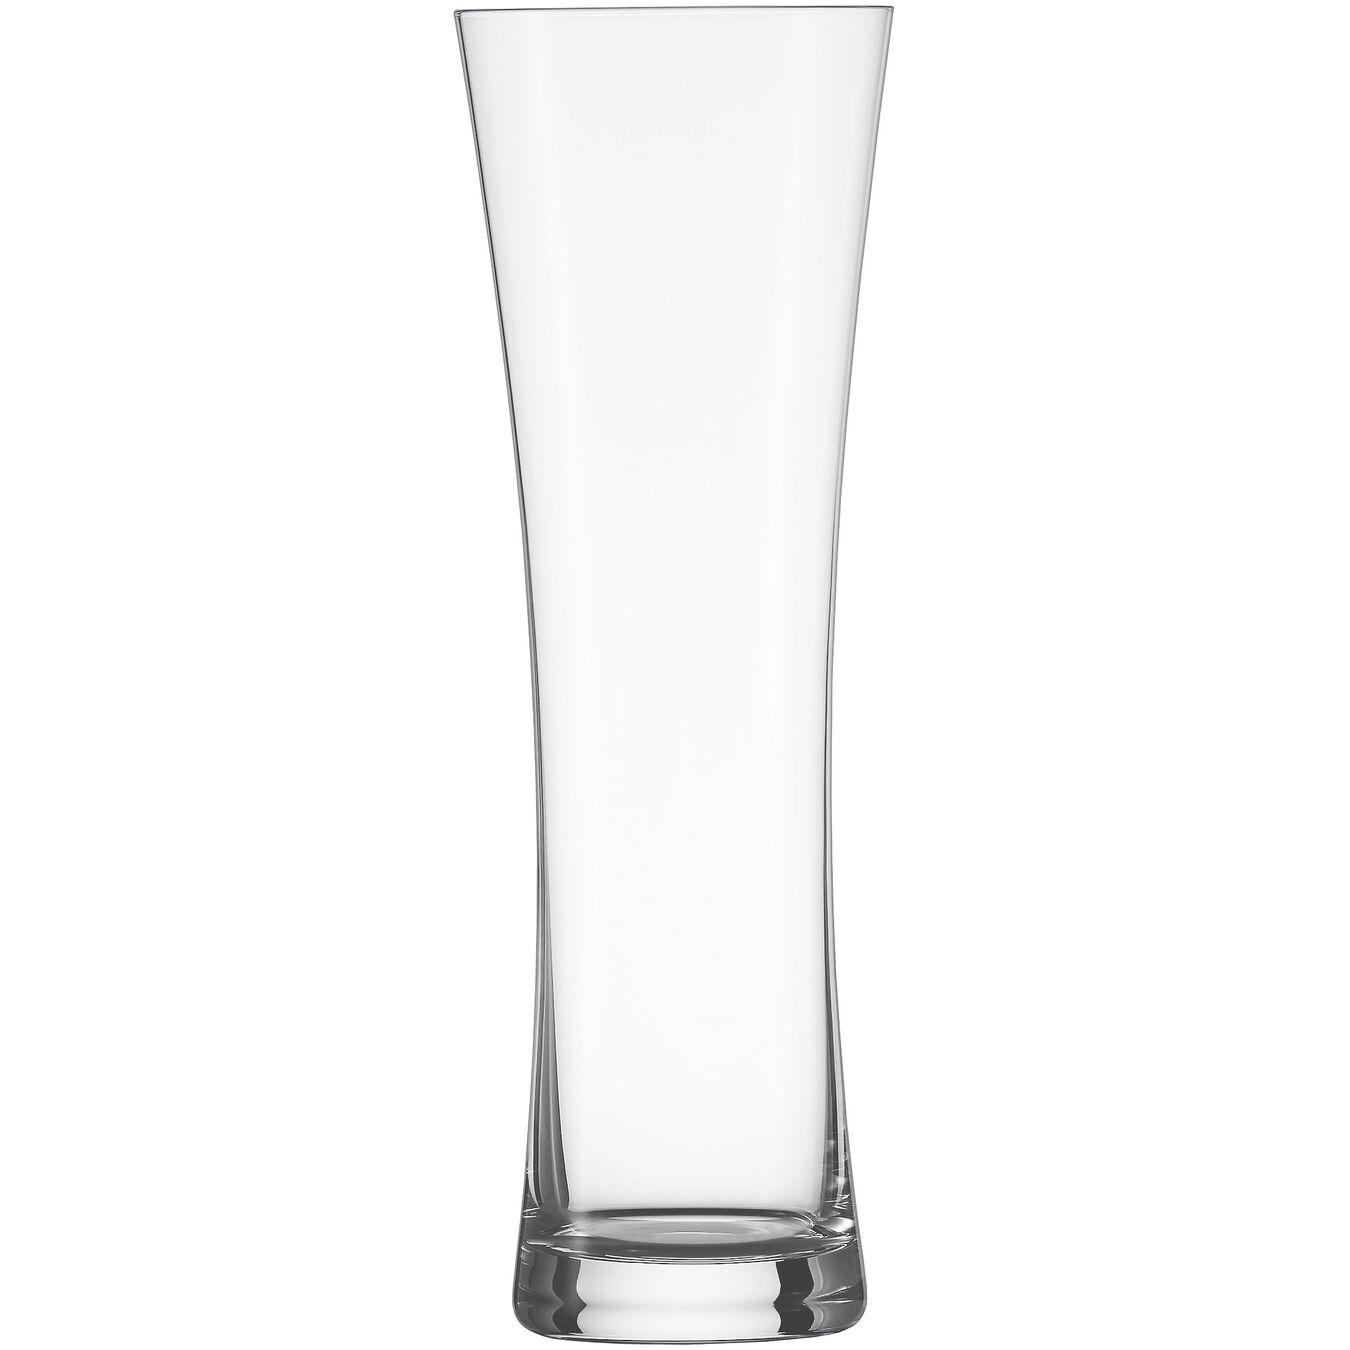 Bira Bardağı,,large 1